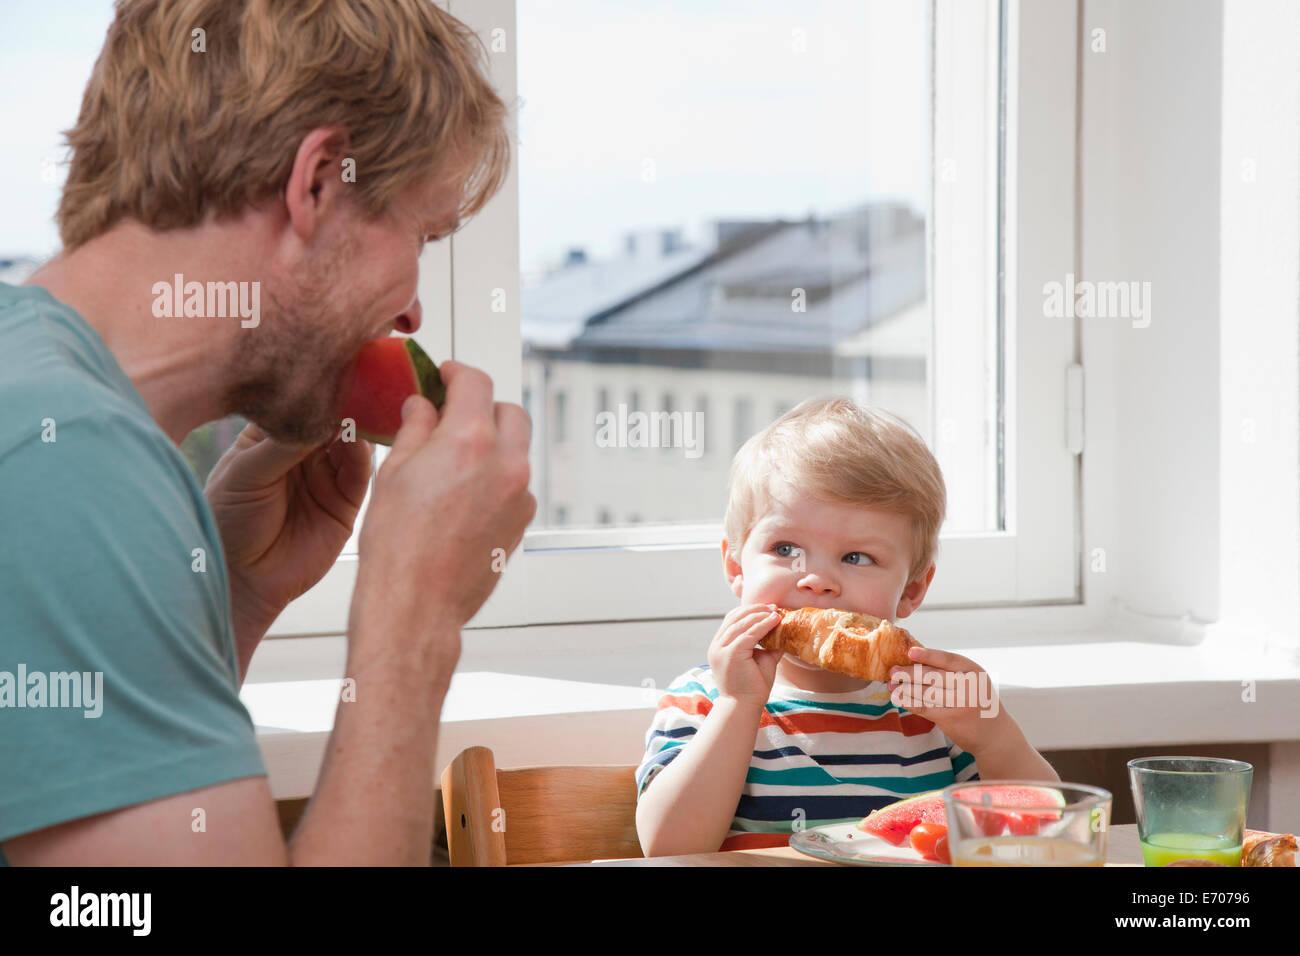 Le père et le petit garçon qui mange son petit-déjeuner à table de cuisine Photo Stock